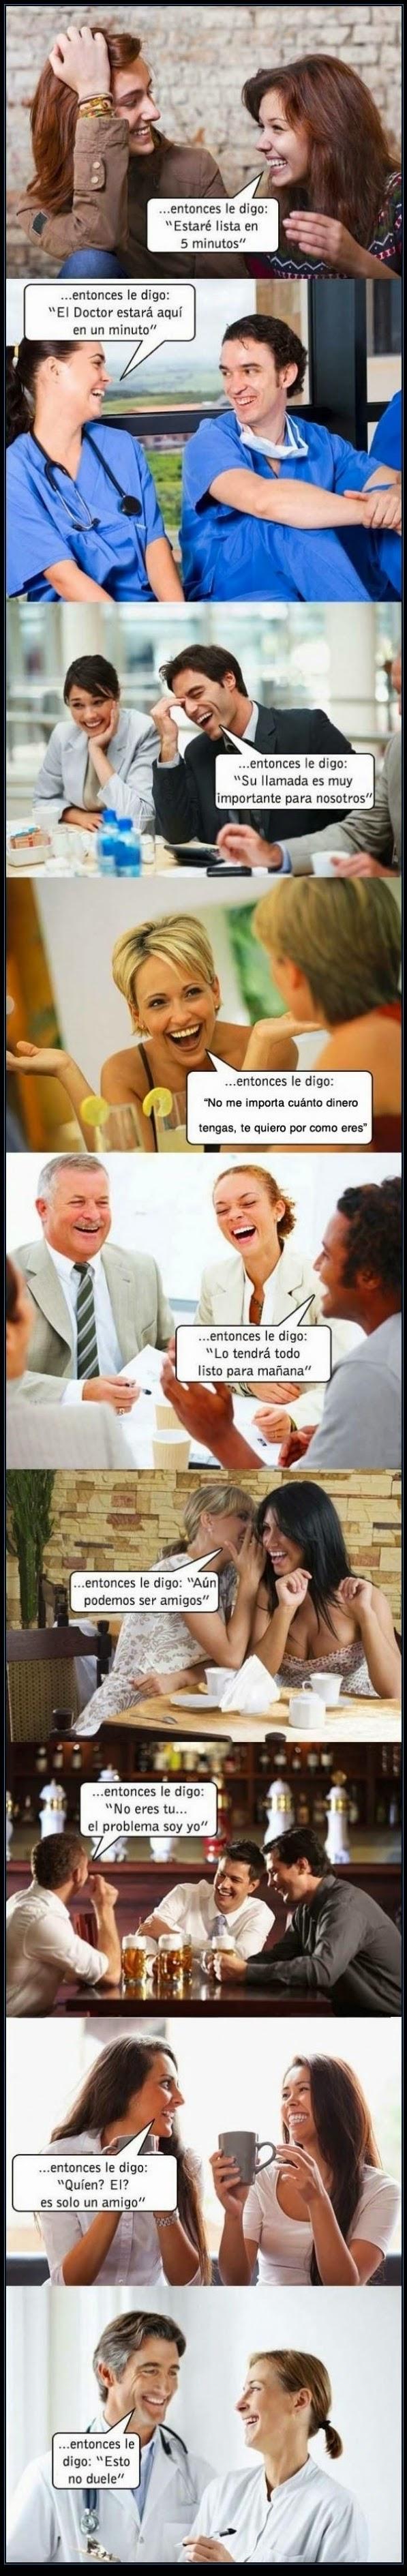 MENTIRAS TIPICAS - humor - pareja